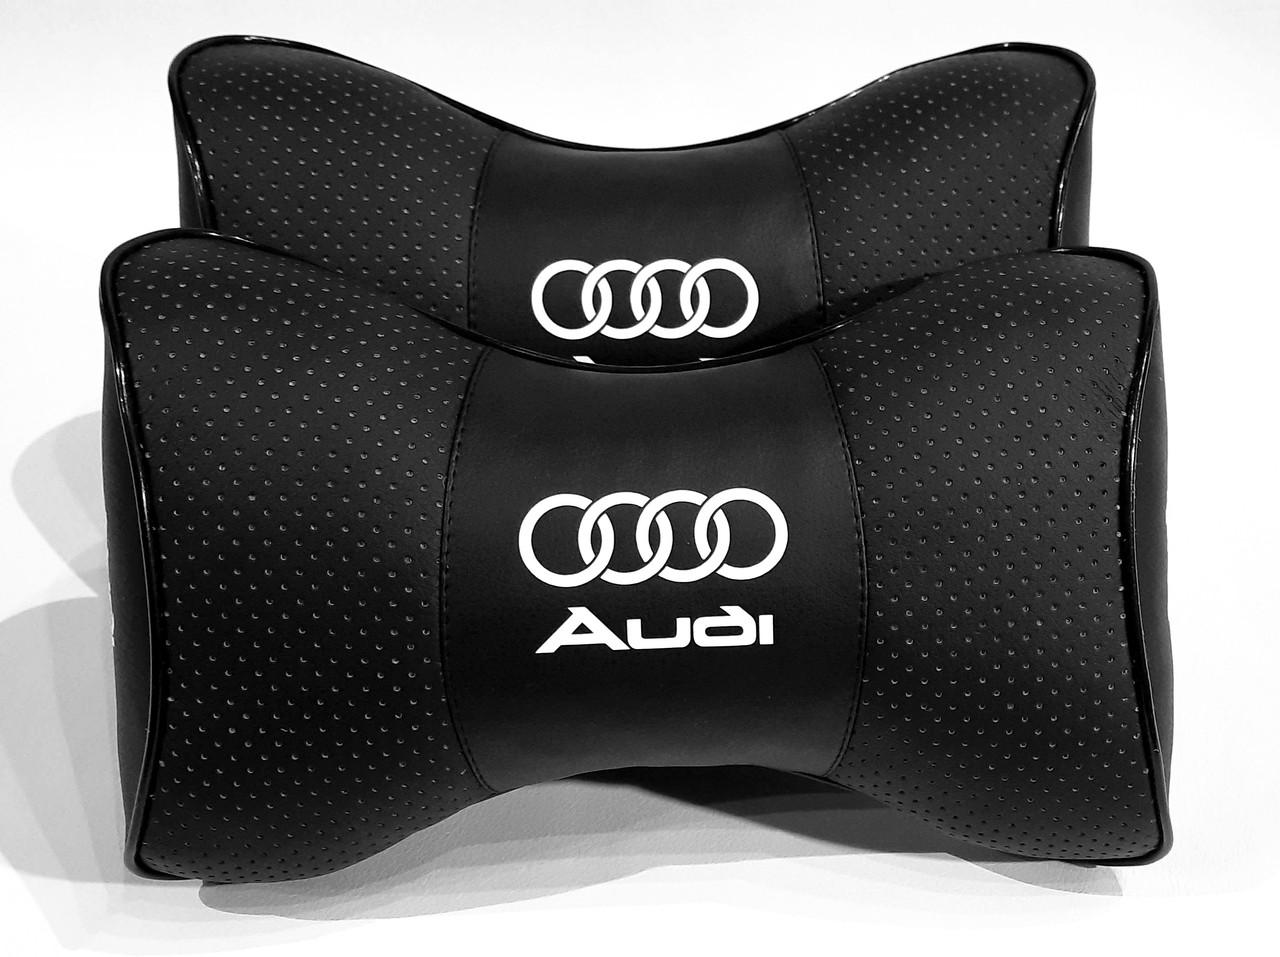 Подушка на подголовник в автомобиль Audi Удобная подушка в авто под шею на подголовник с логотипом Audi